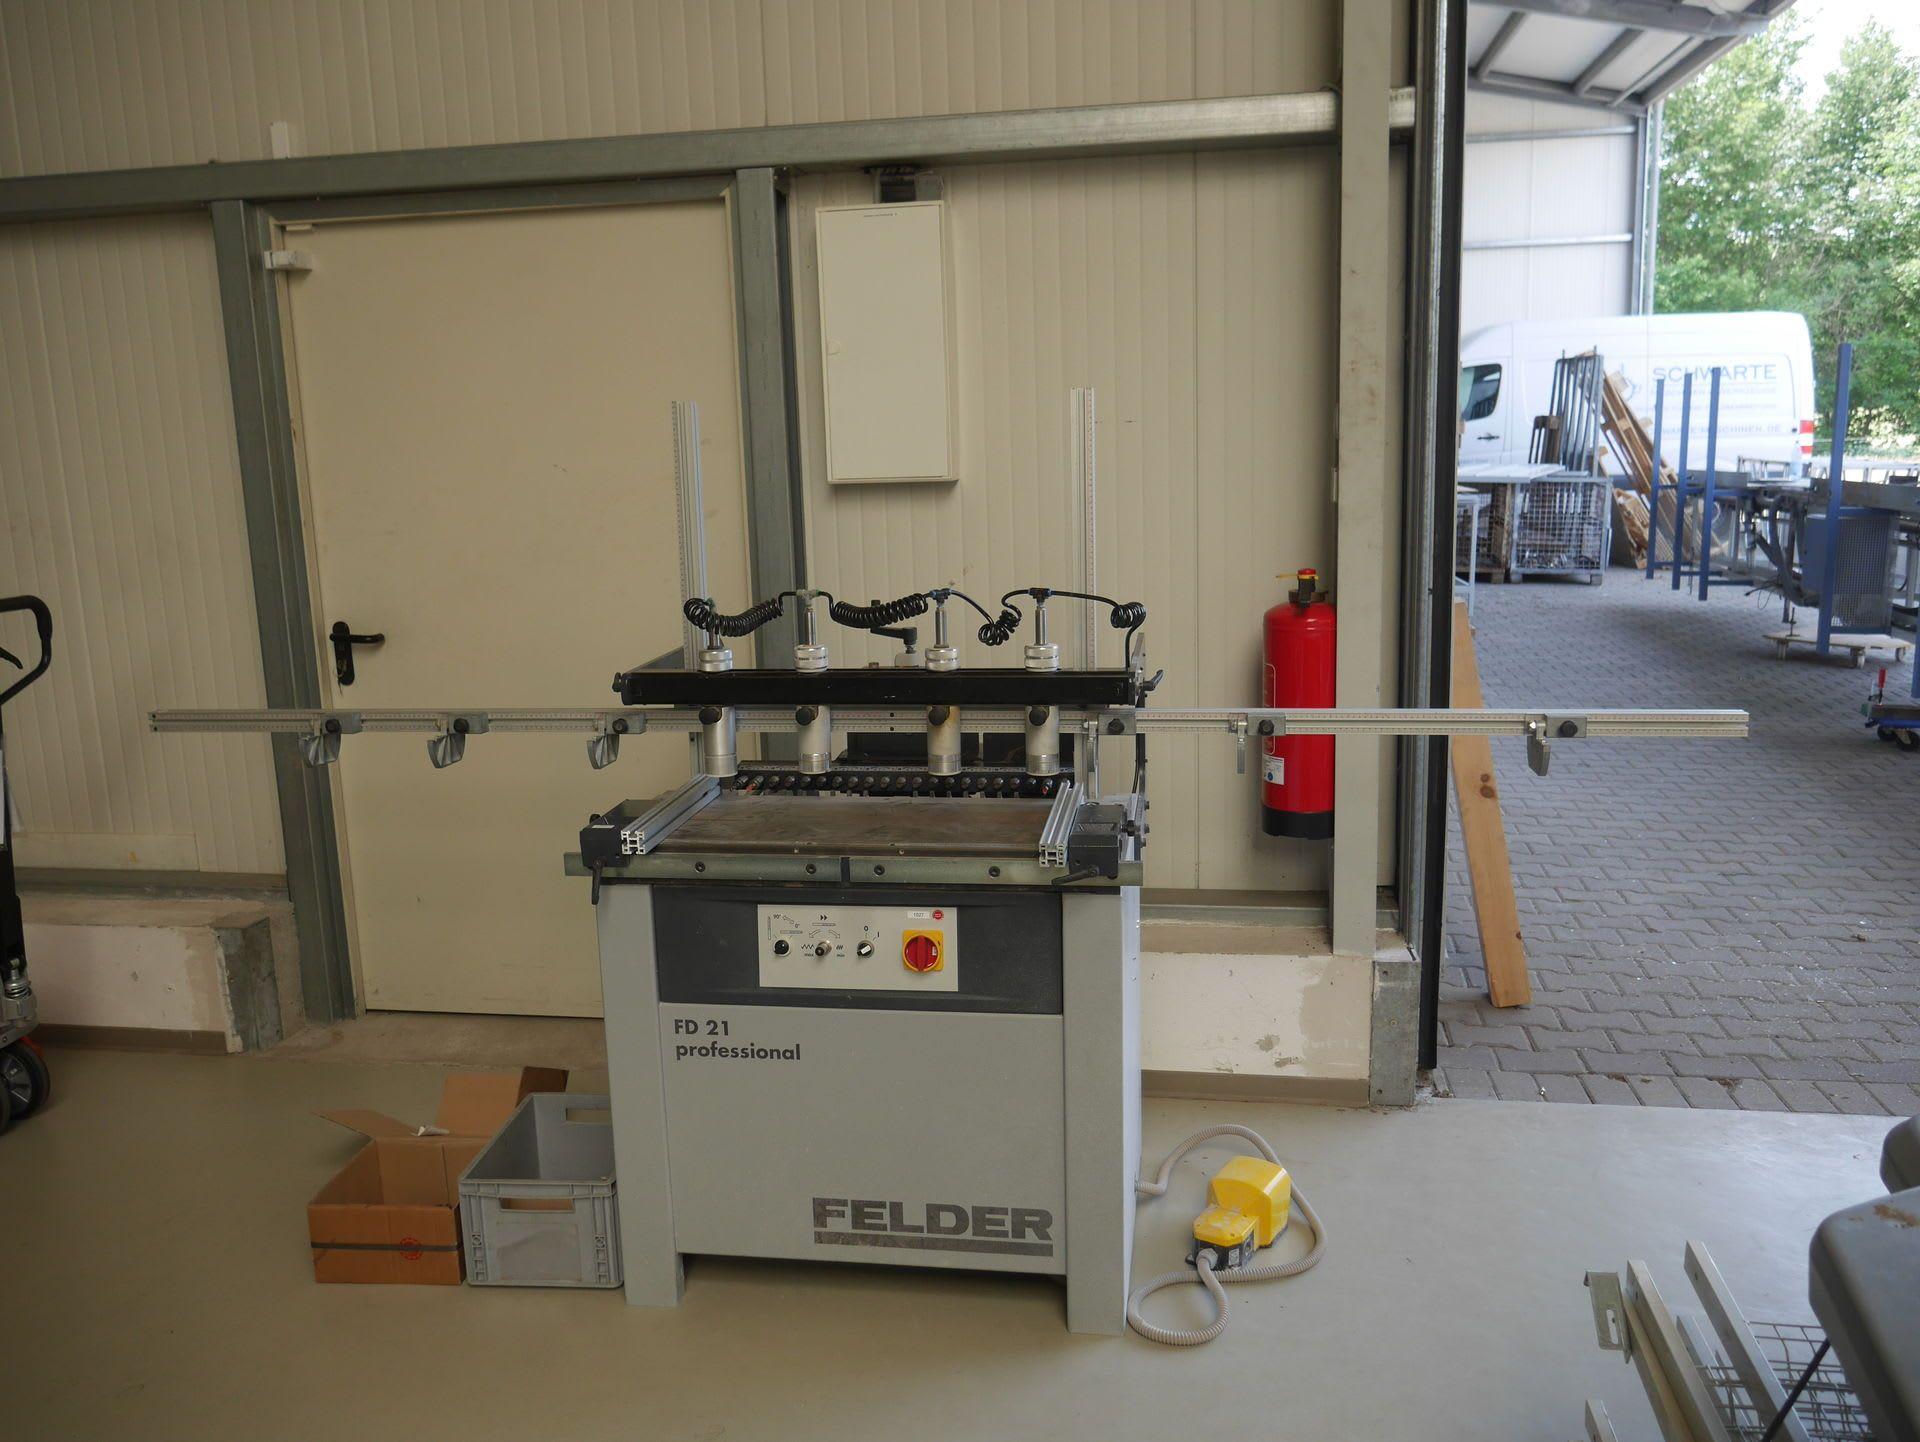 FELDER FD 21 Professional Dübellochbohrmaschine